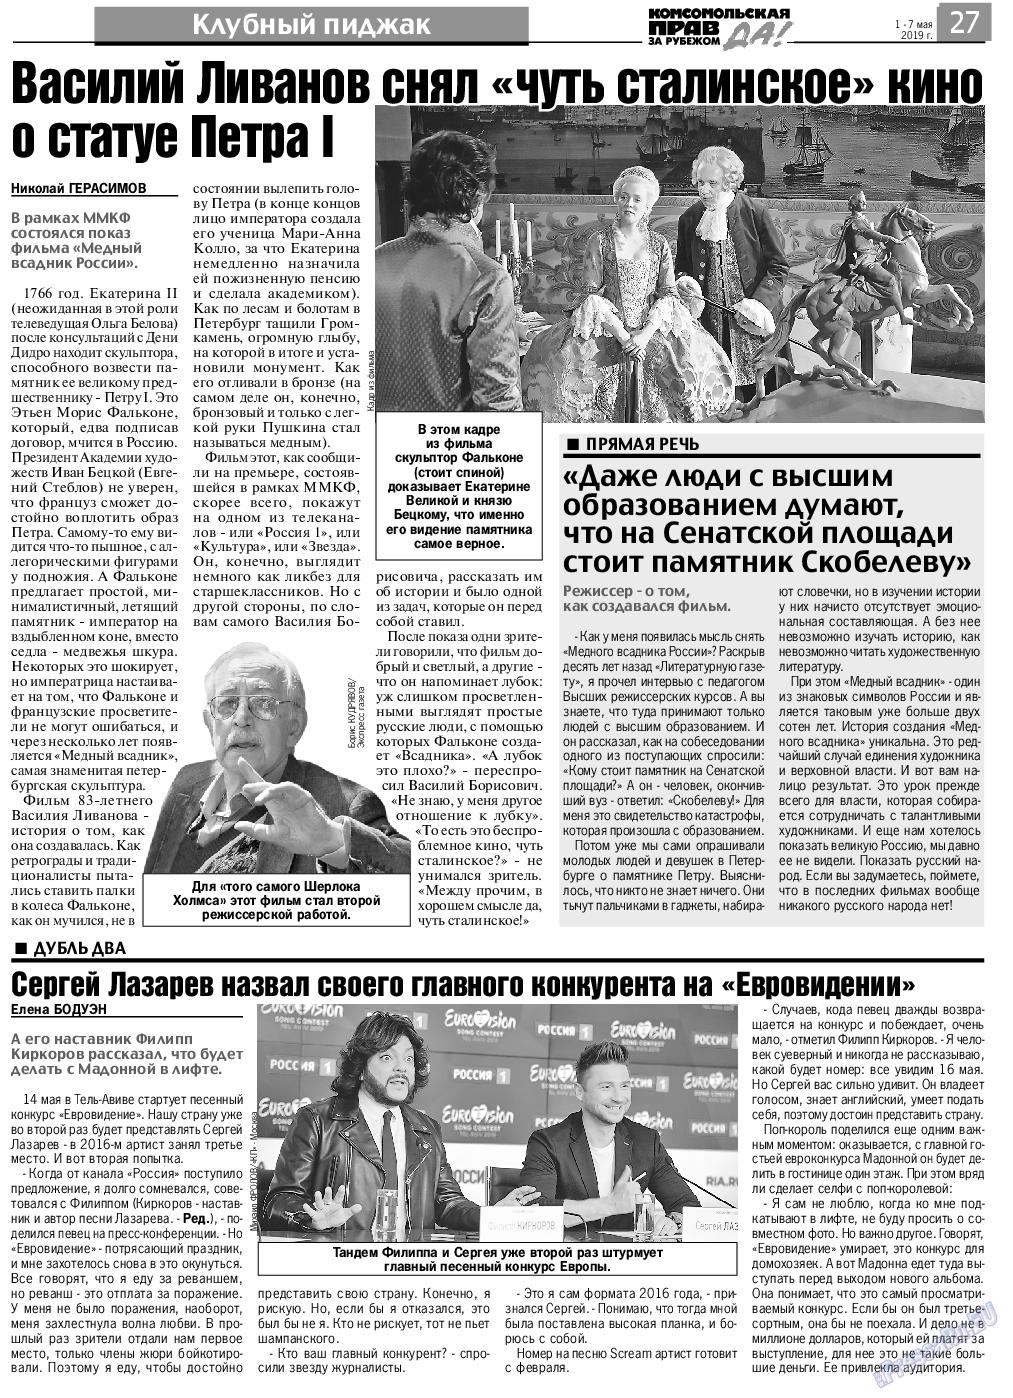 КП в Европе (газета). 2019 год, номер 18, стр. 27